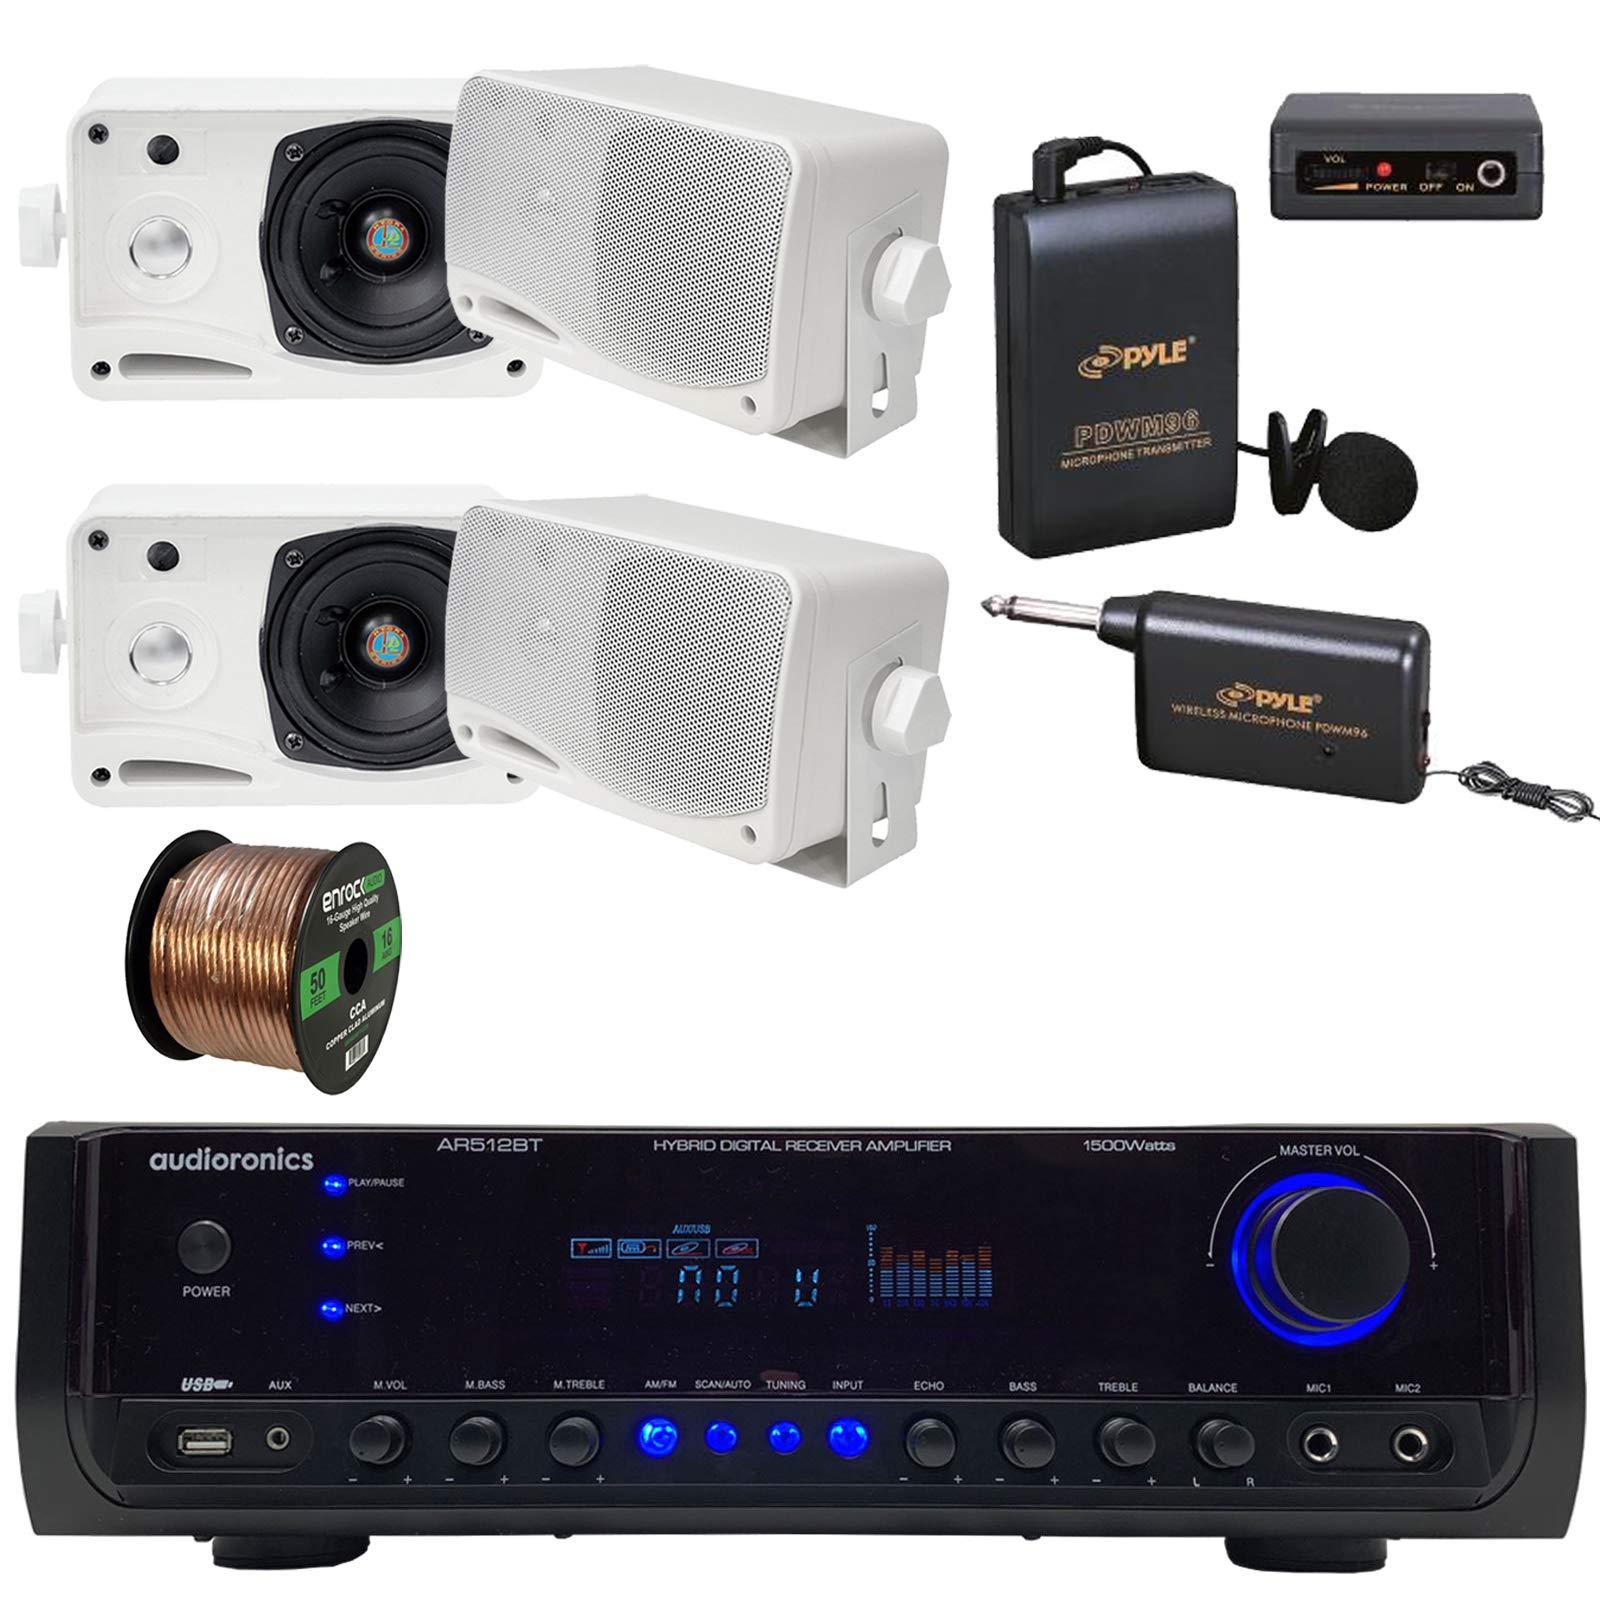 Audioronics 1500 Watt Hybrid Digital Stereo Receiver Amplifier, Pyle 3.5'' 200 Watt 3-Way Weather Proof Mini Box Speakers - White, Lavalier Wireless Microphone System, 16 Gauge 50 Foot Speaker Wire